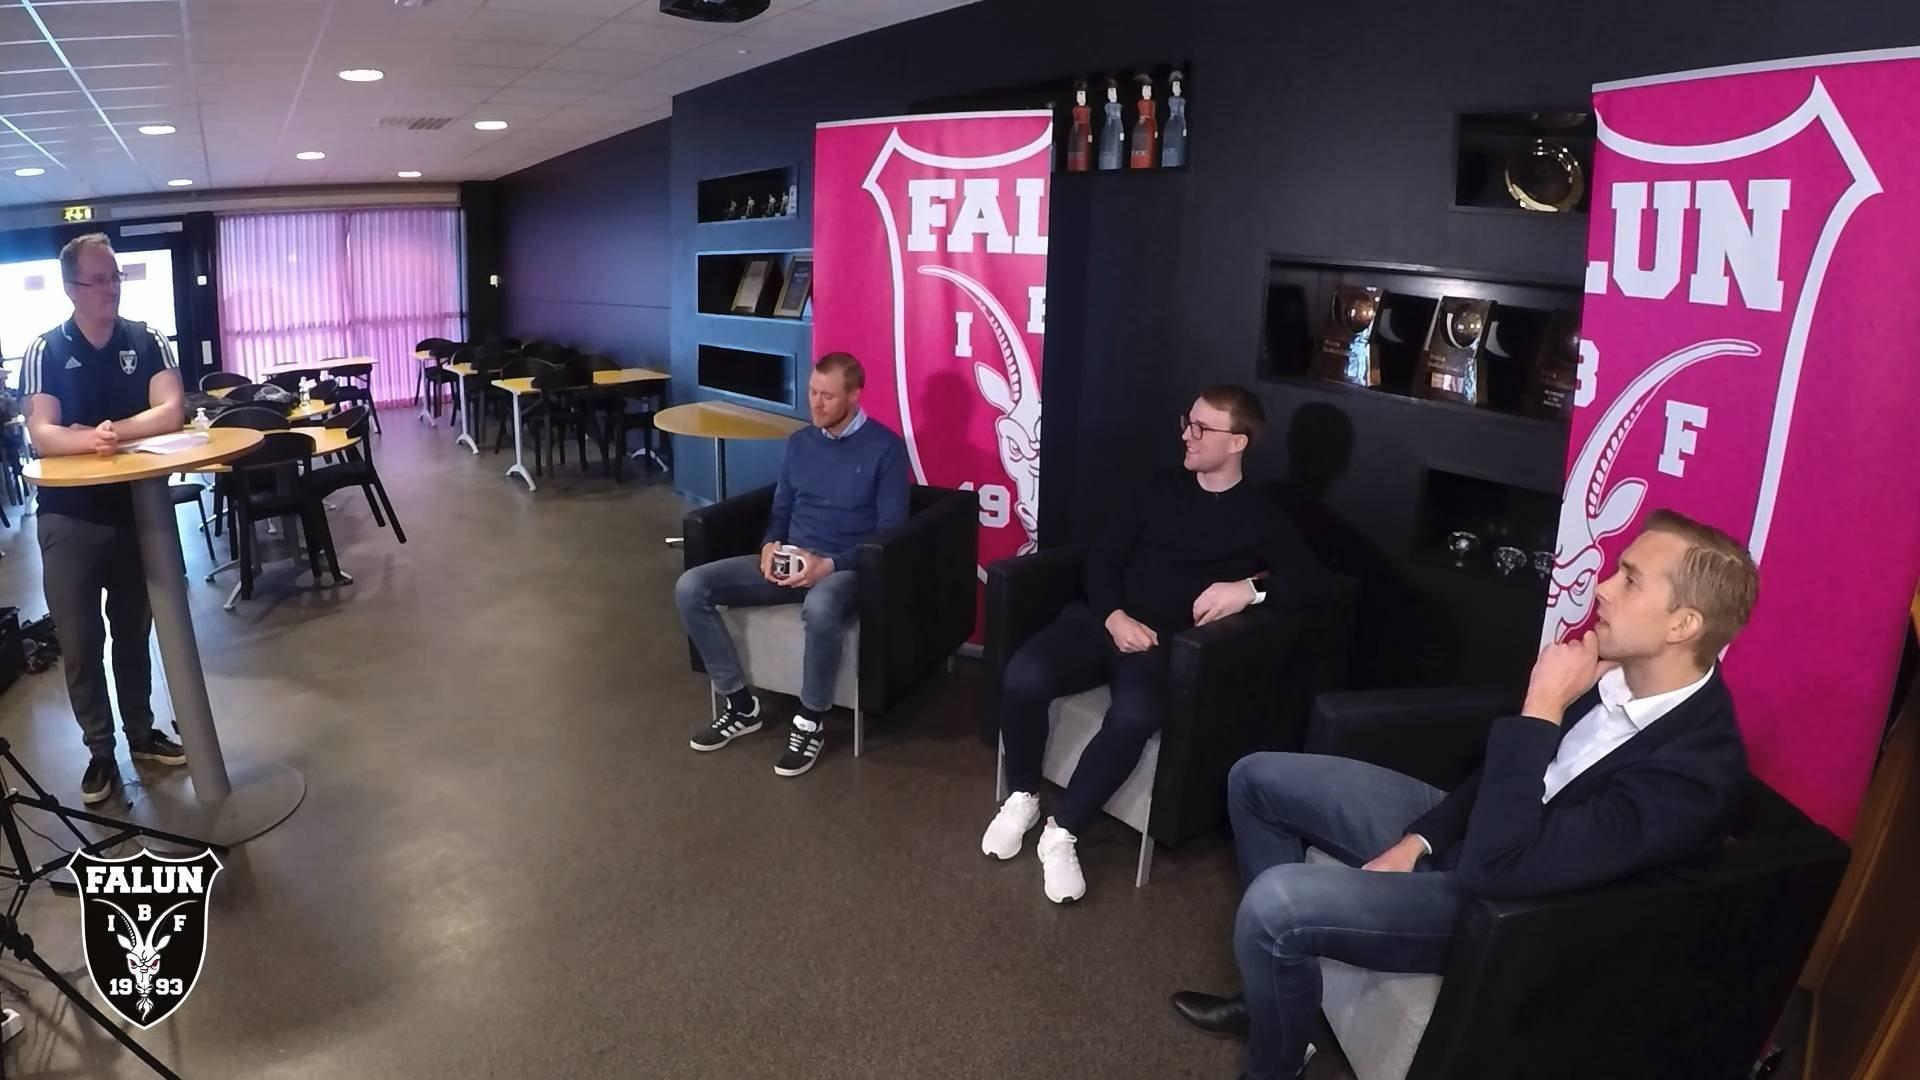 Studio IBF Falun inför SM-finalen del 2